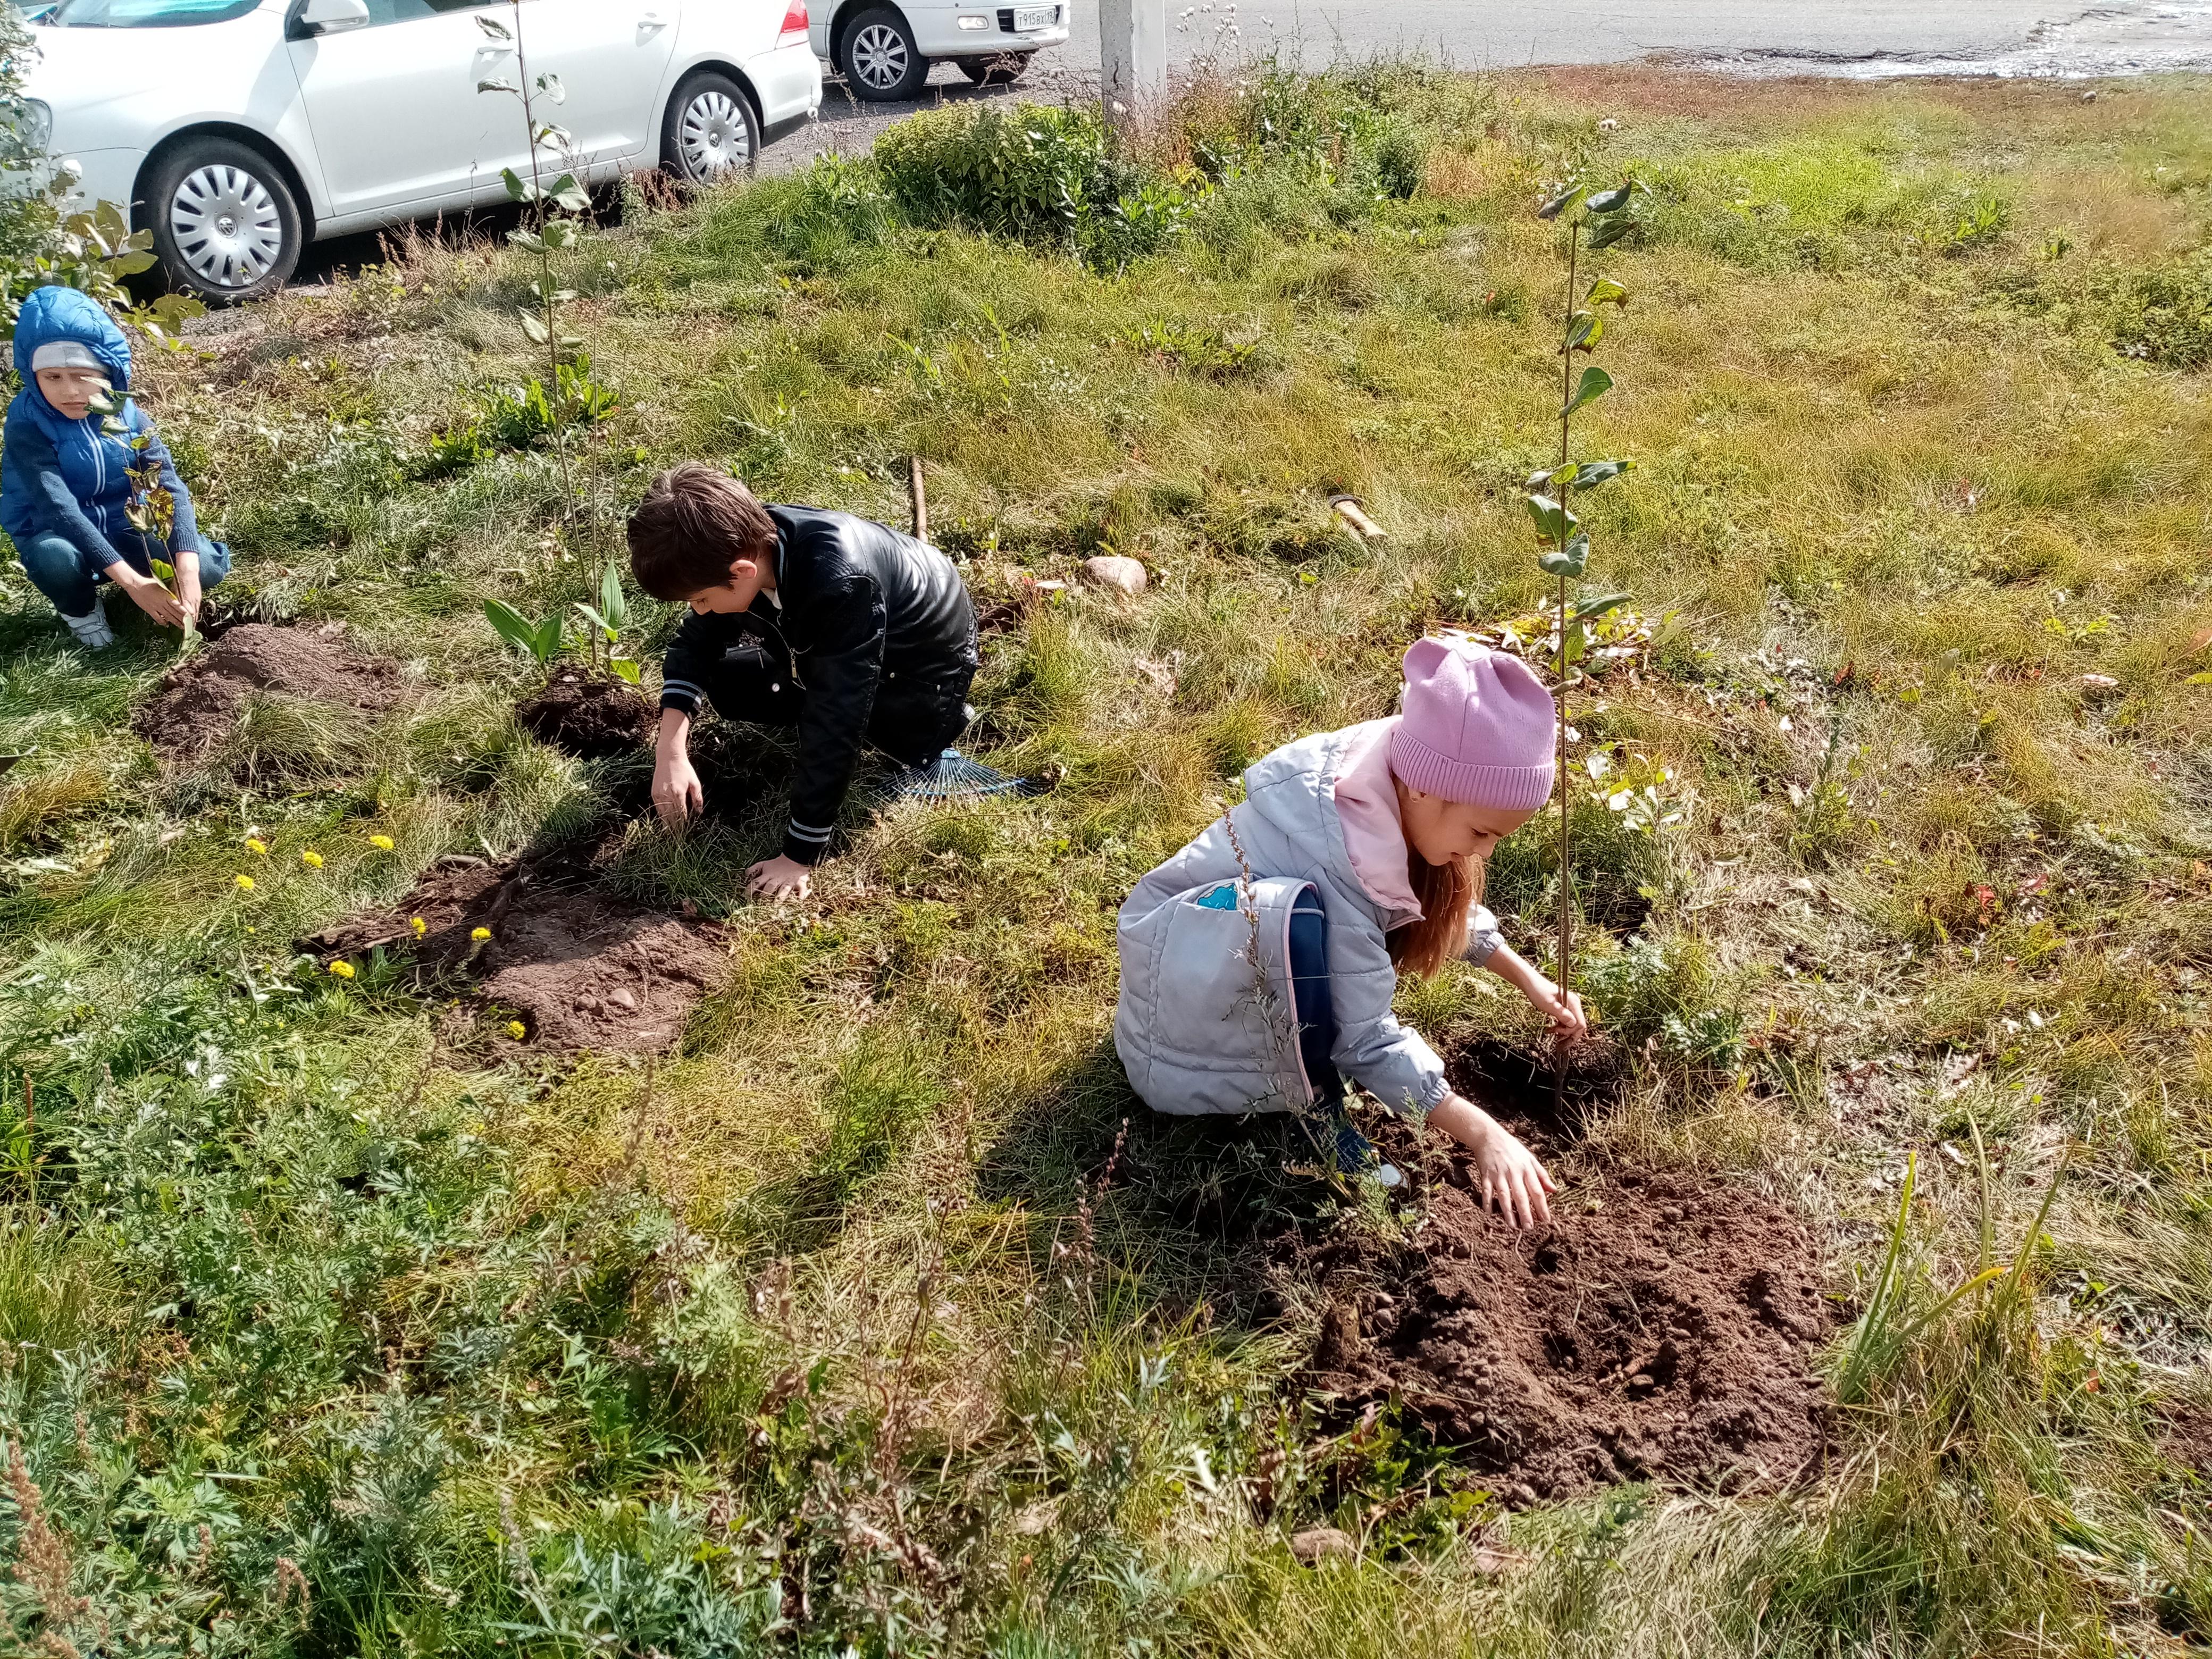 Члены клуба «Юный натуралист» приняли участие во Всероссийском экологическом субботнике «Зелёная Россия»